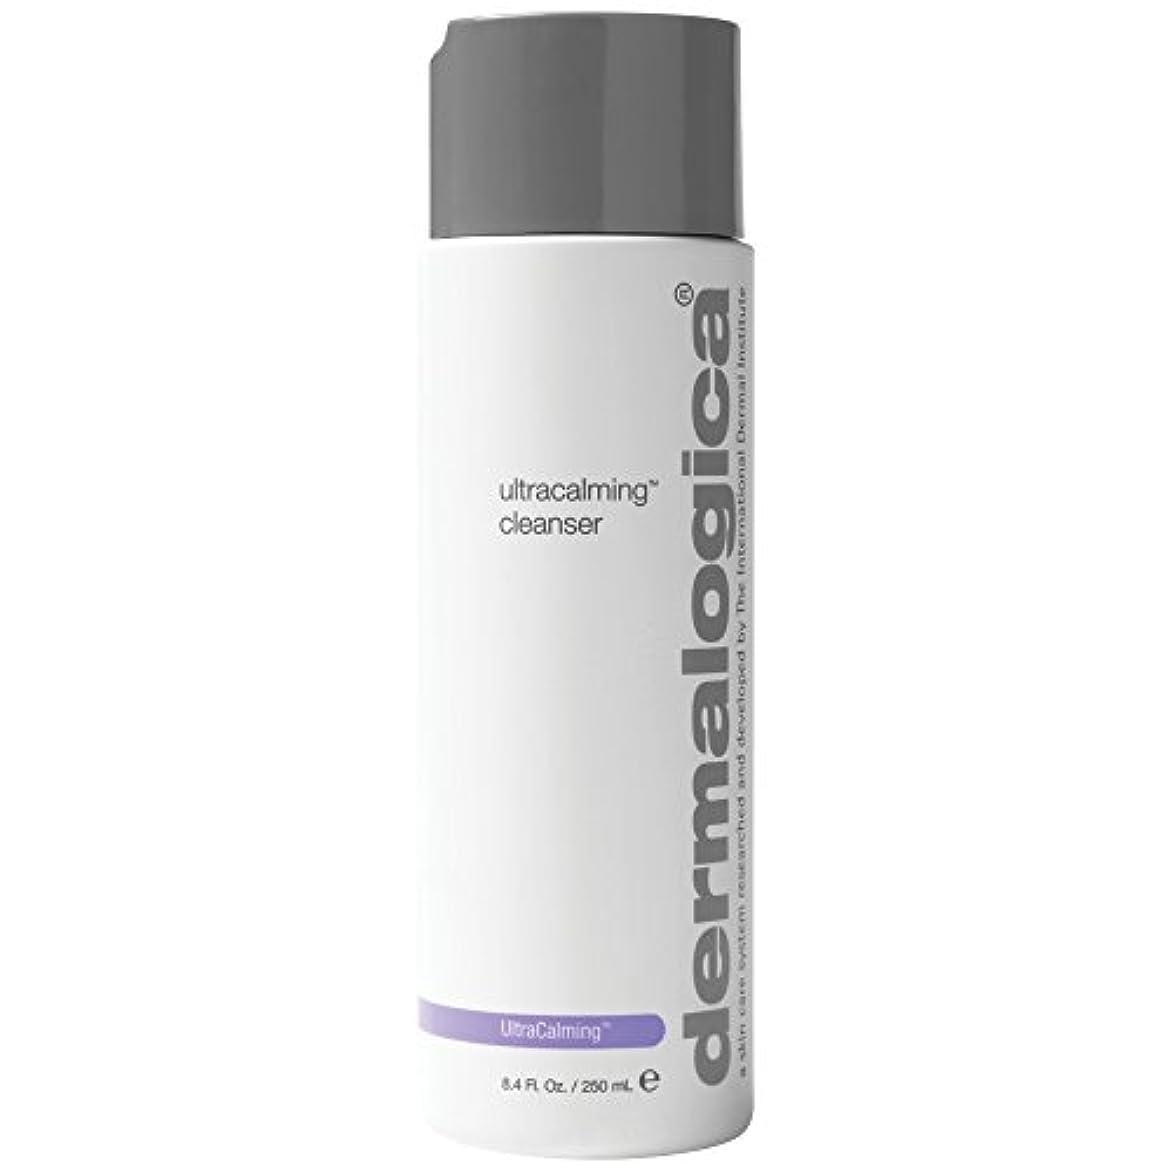 ニコチン違法溶融ダーマロジカUltracalming?クレンザーの250ミリリットル (Dermalogica) (x6) - Dermalogica UltraCalming? Cleanser 250ml (Pack of 6) [...